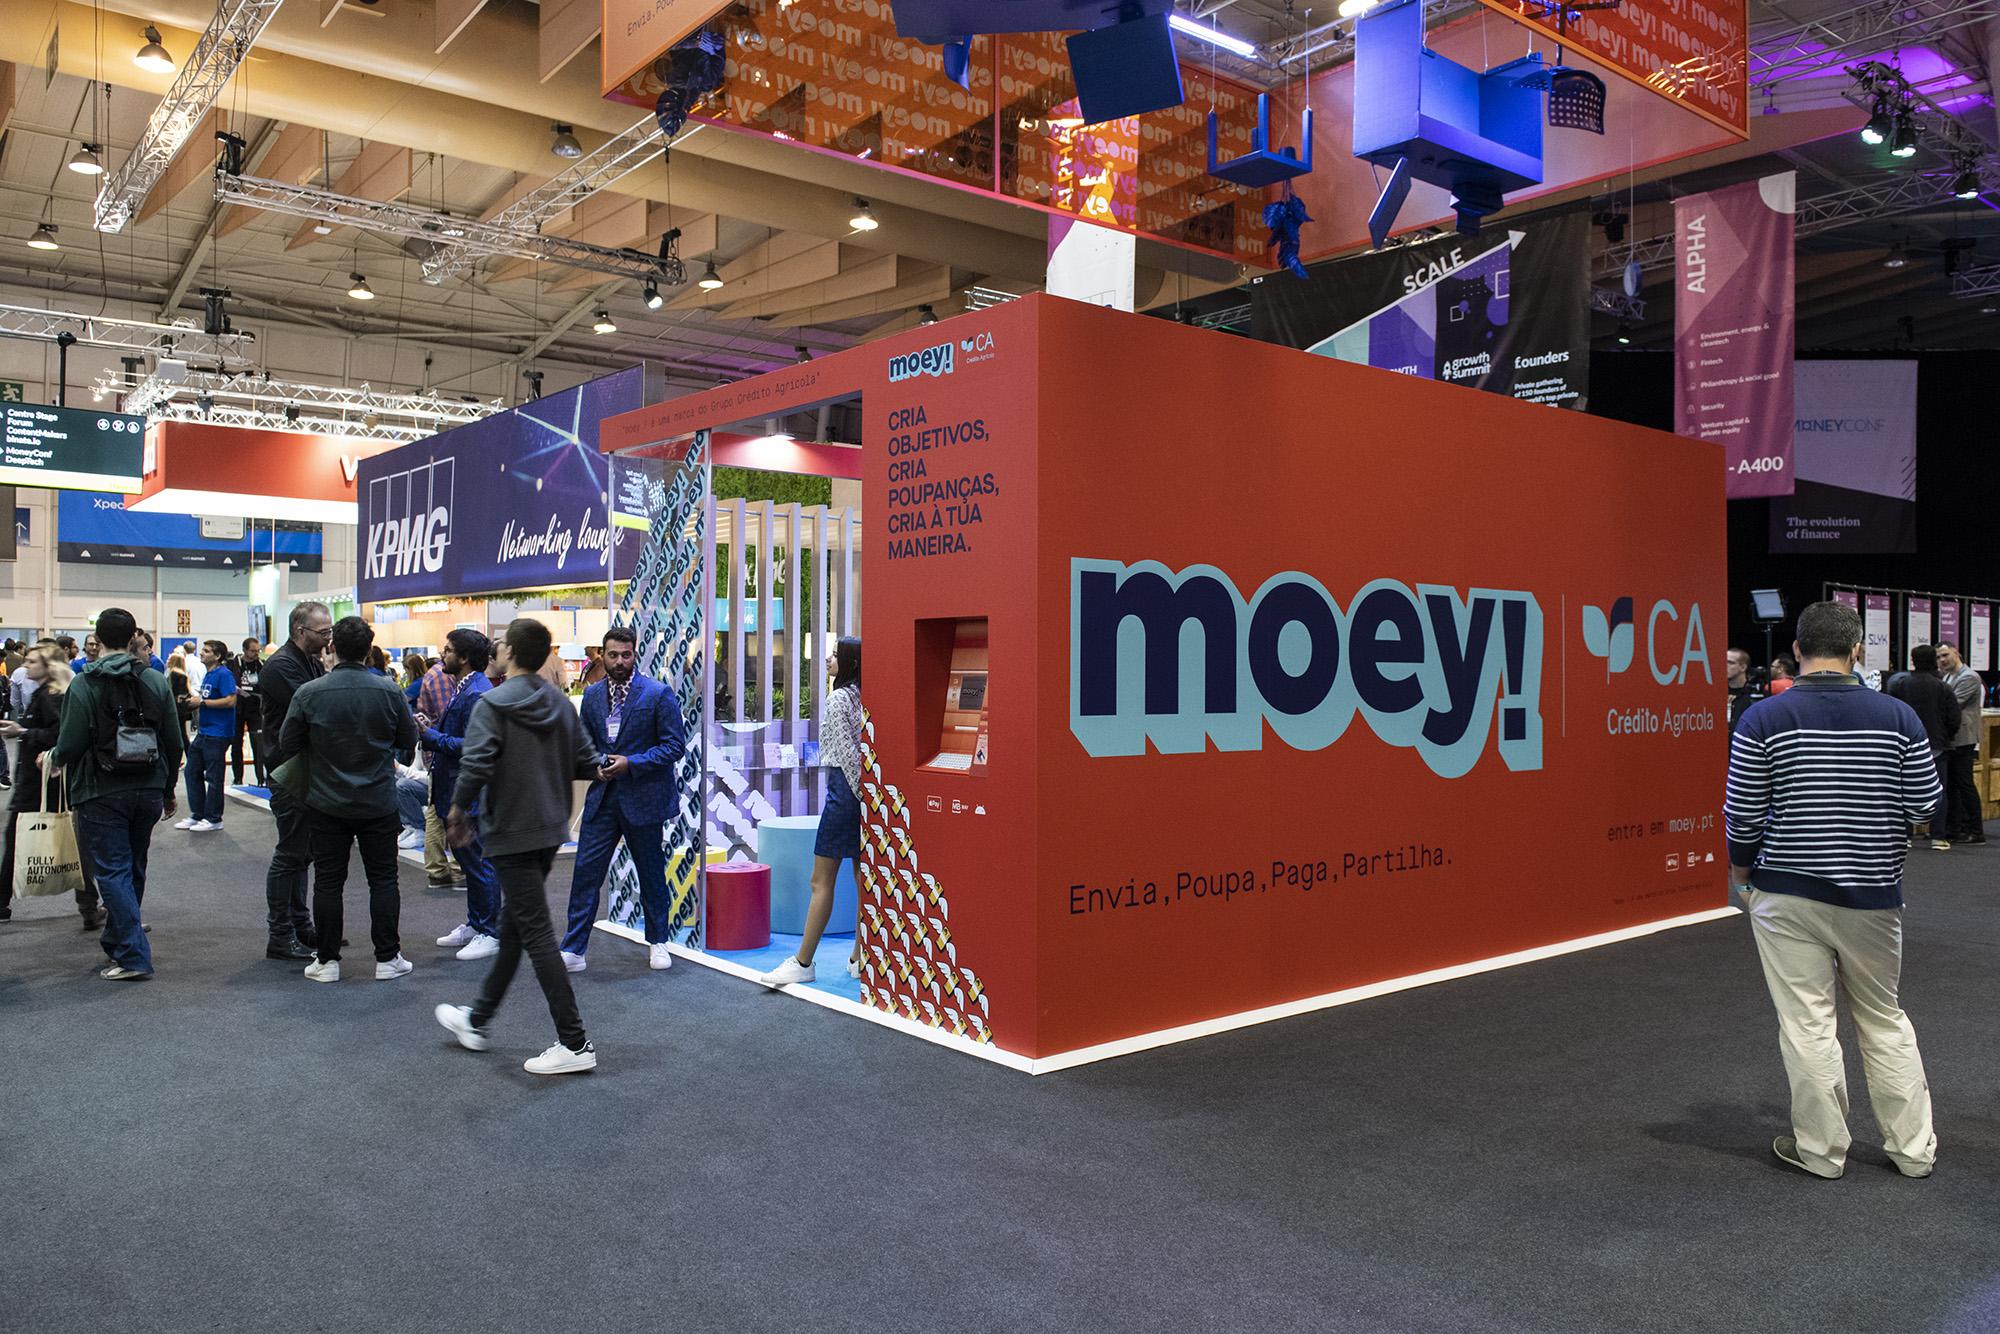 Stand da Moey/Crédito Agrícola no Web Summit 2019 - 06NOV19